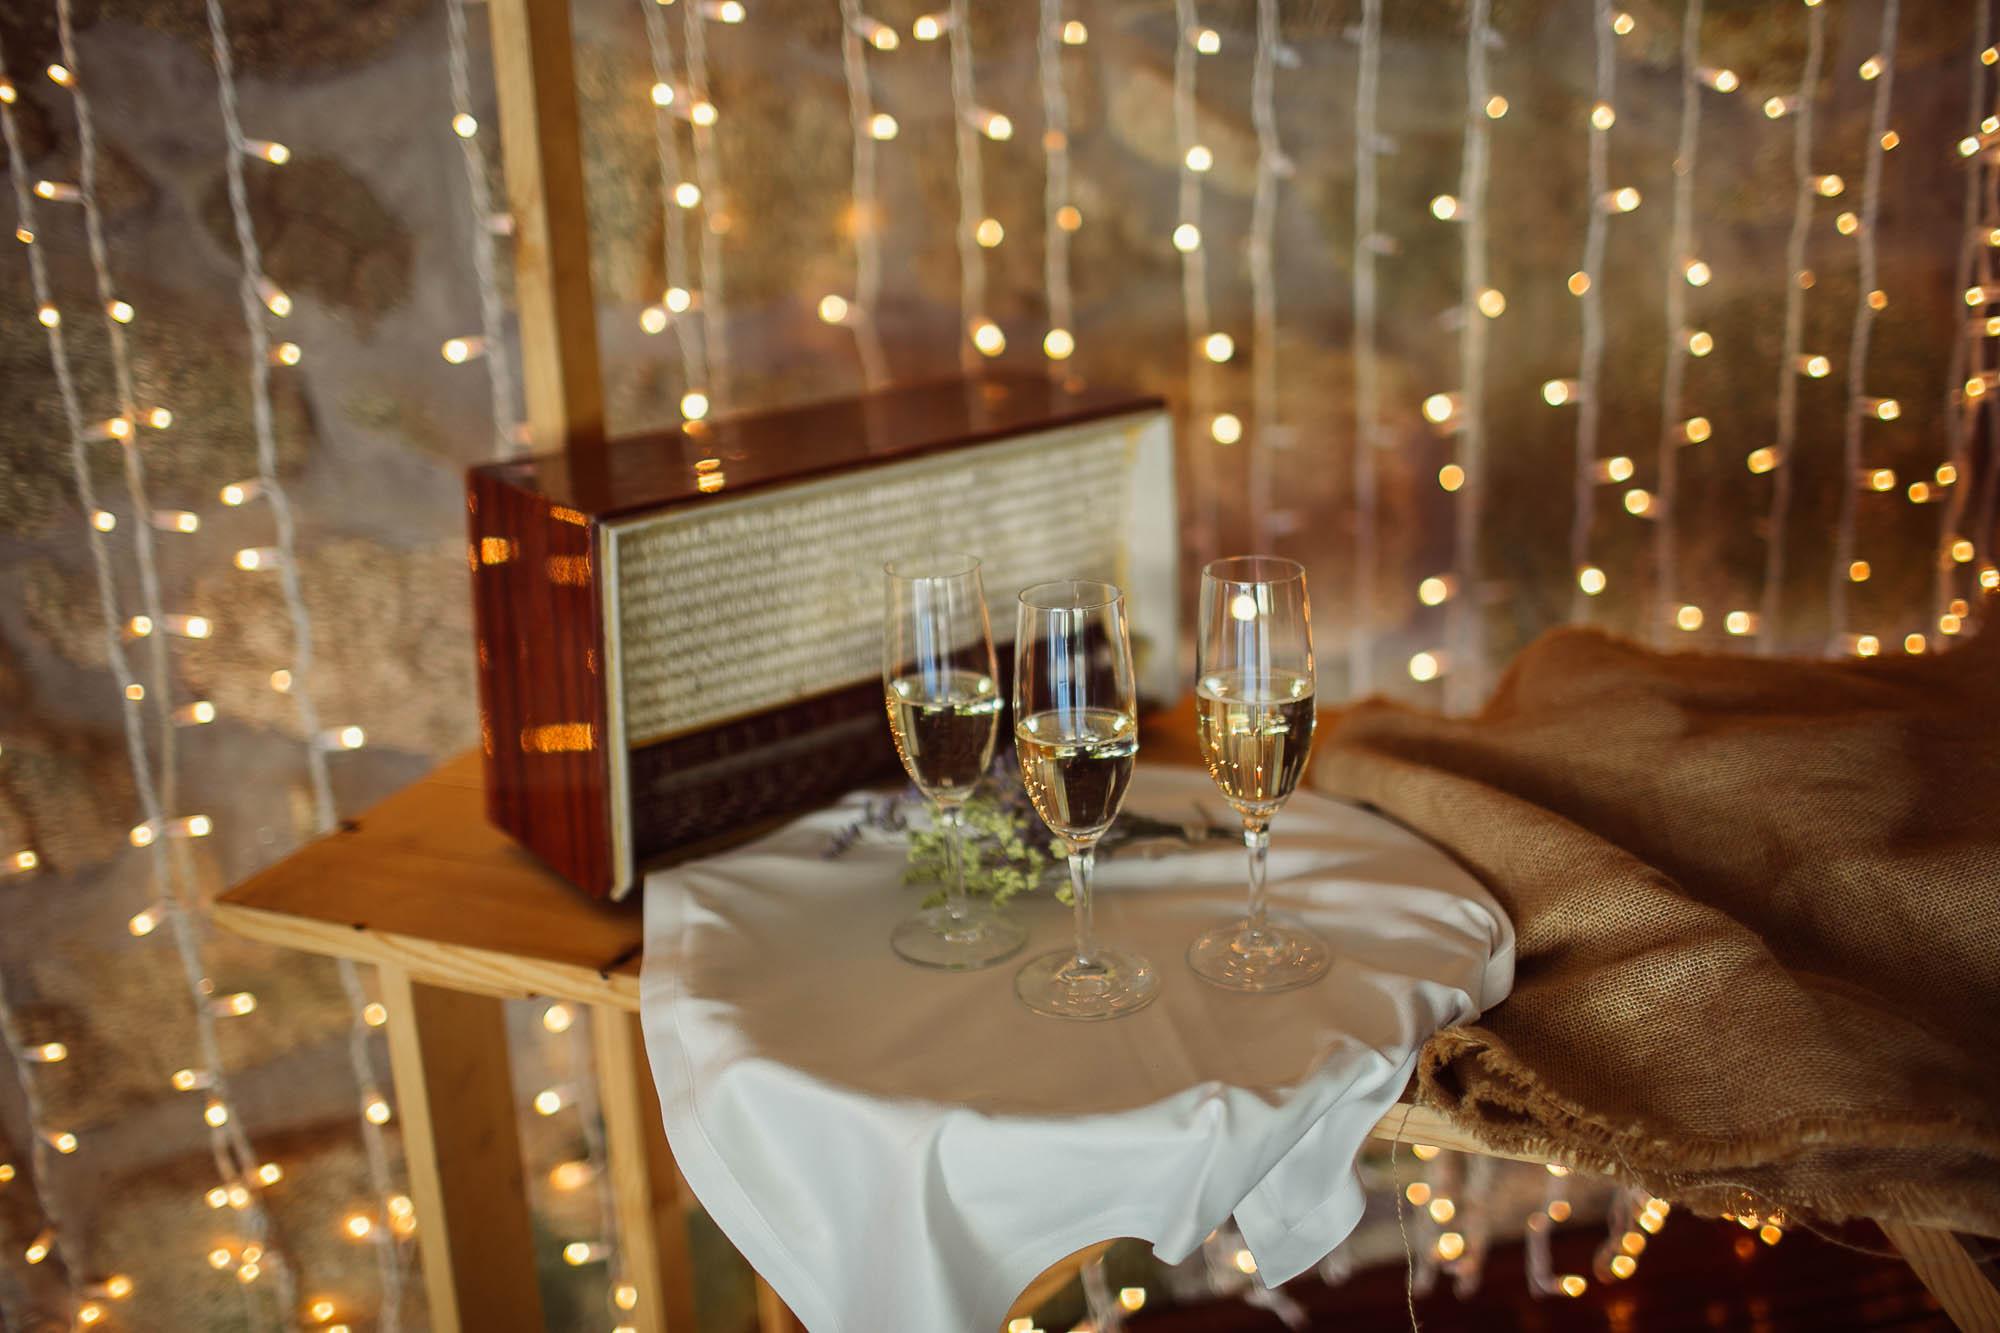 Tres copas sobre una bandeja con un mantel de tela blanca sobre una mesa de madera con un fondo de luces